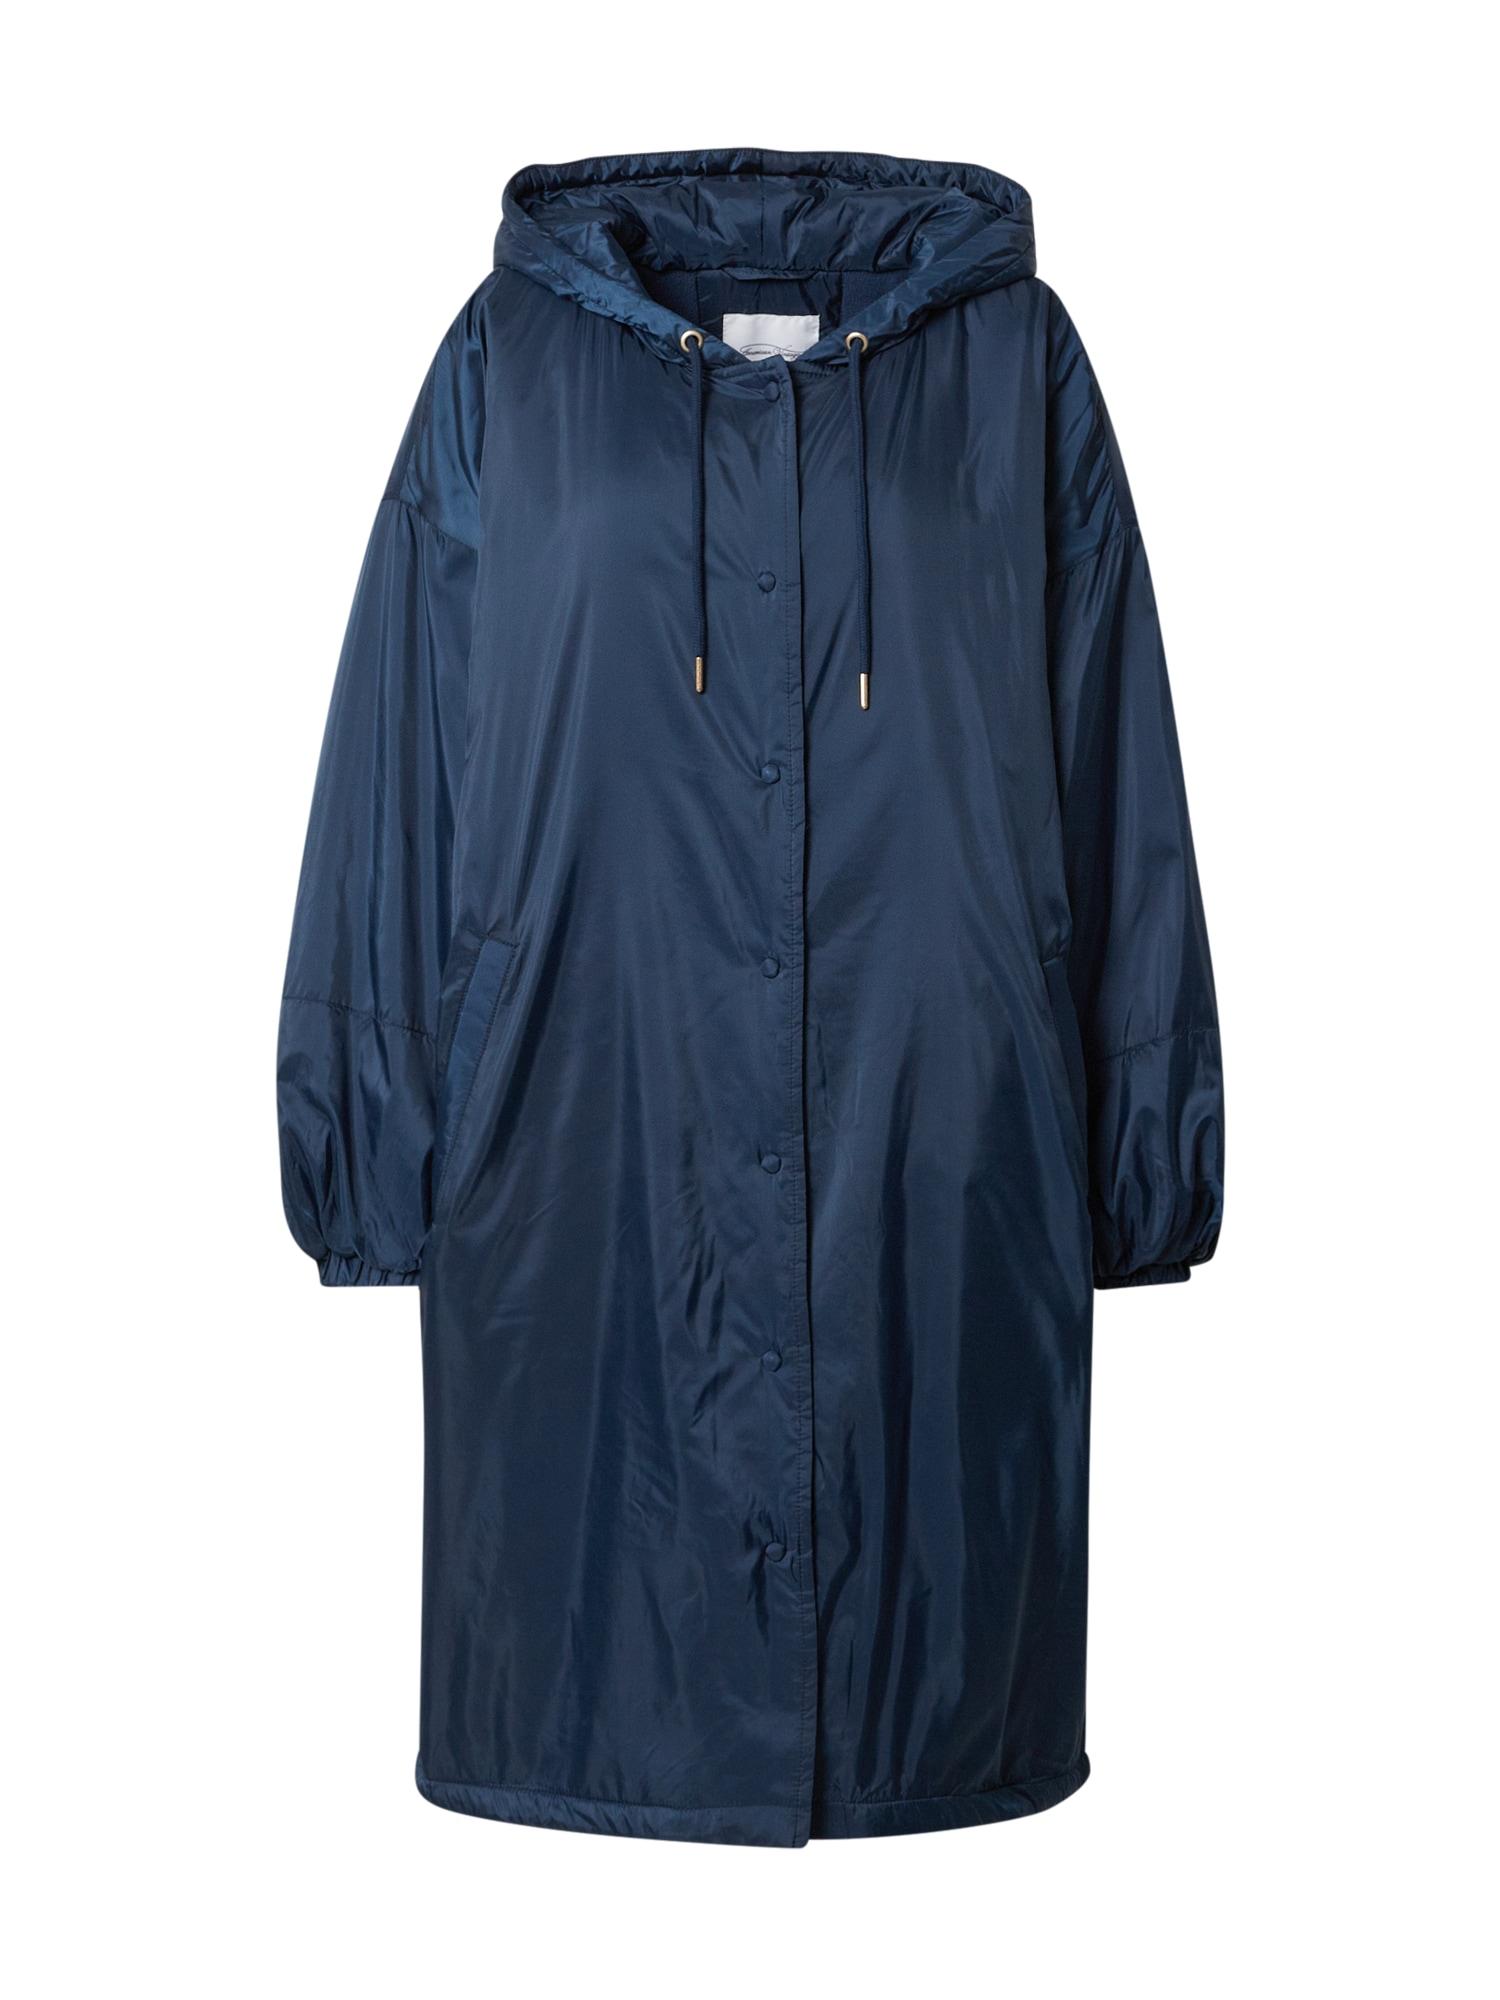 AMERICAN VINTAGE Rudeninis-žieminis paltas tamsiai mėlyna